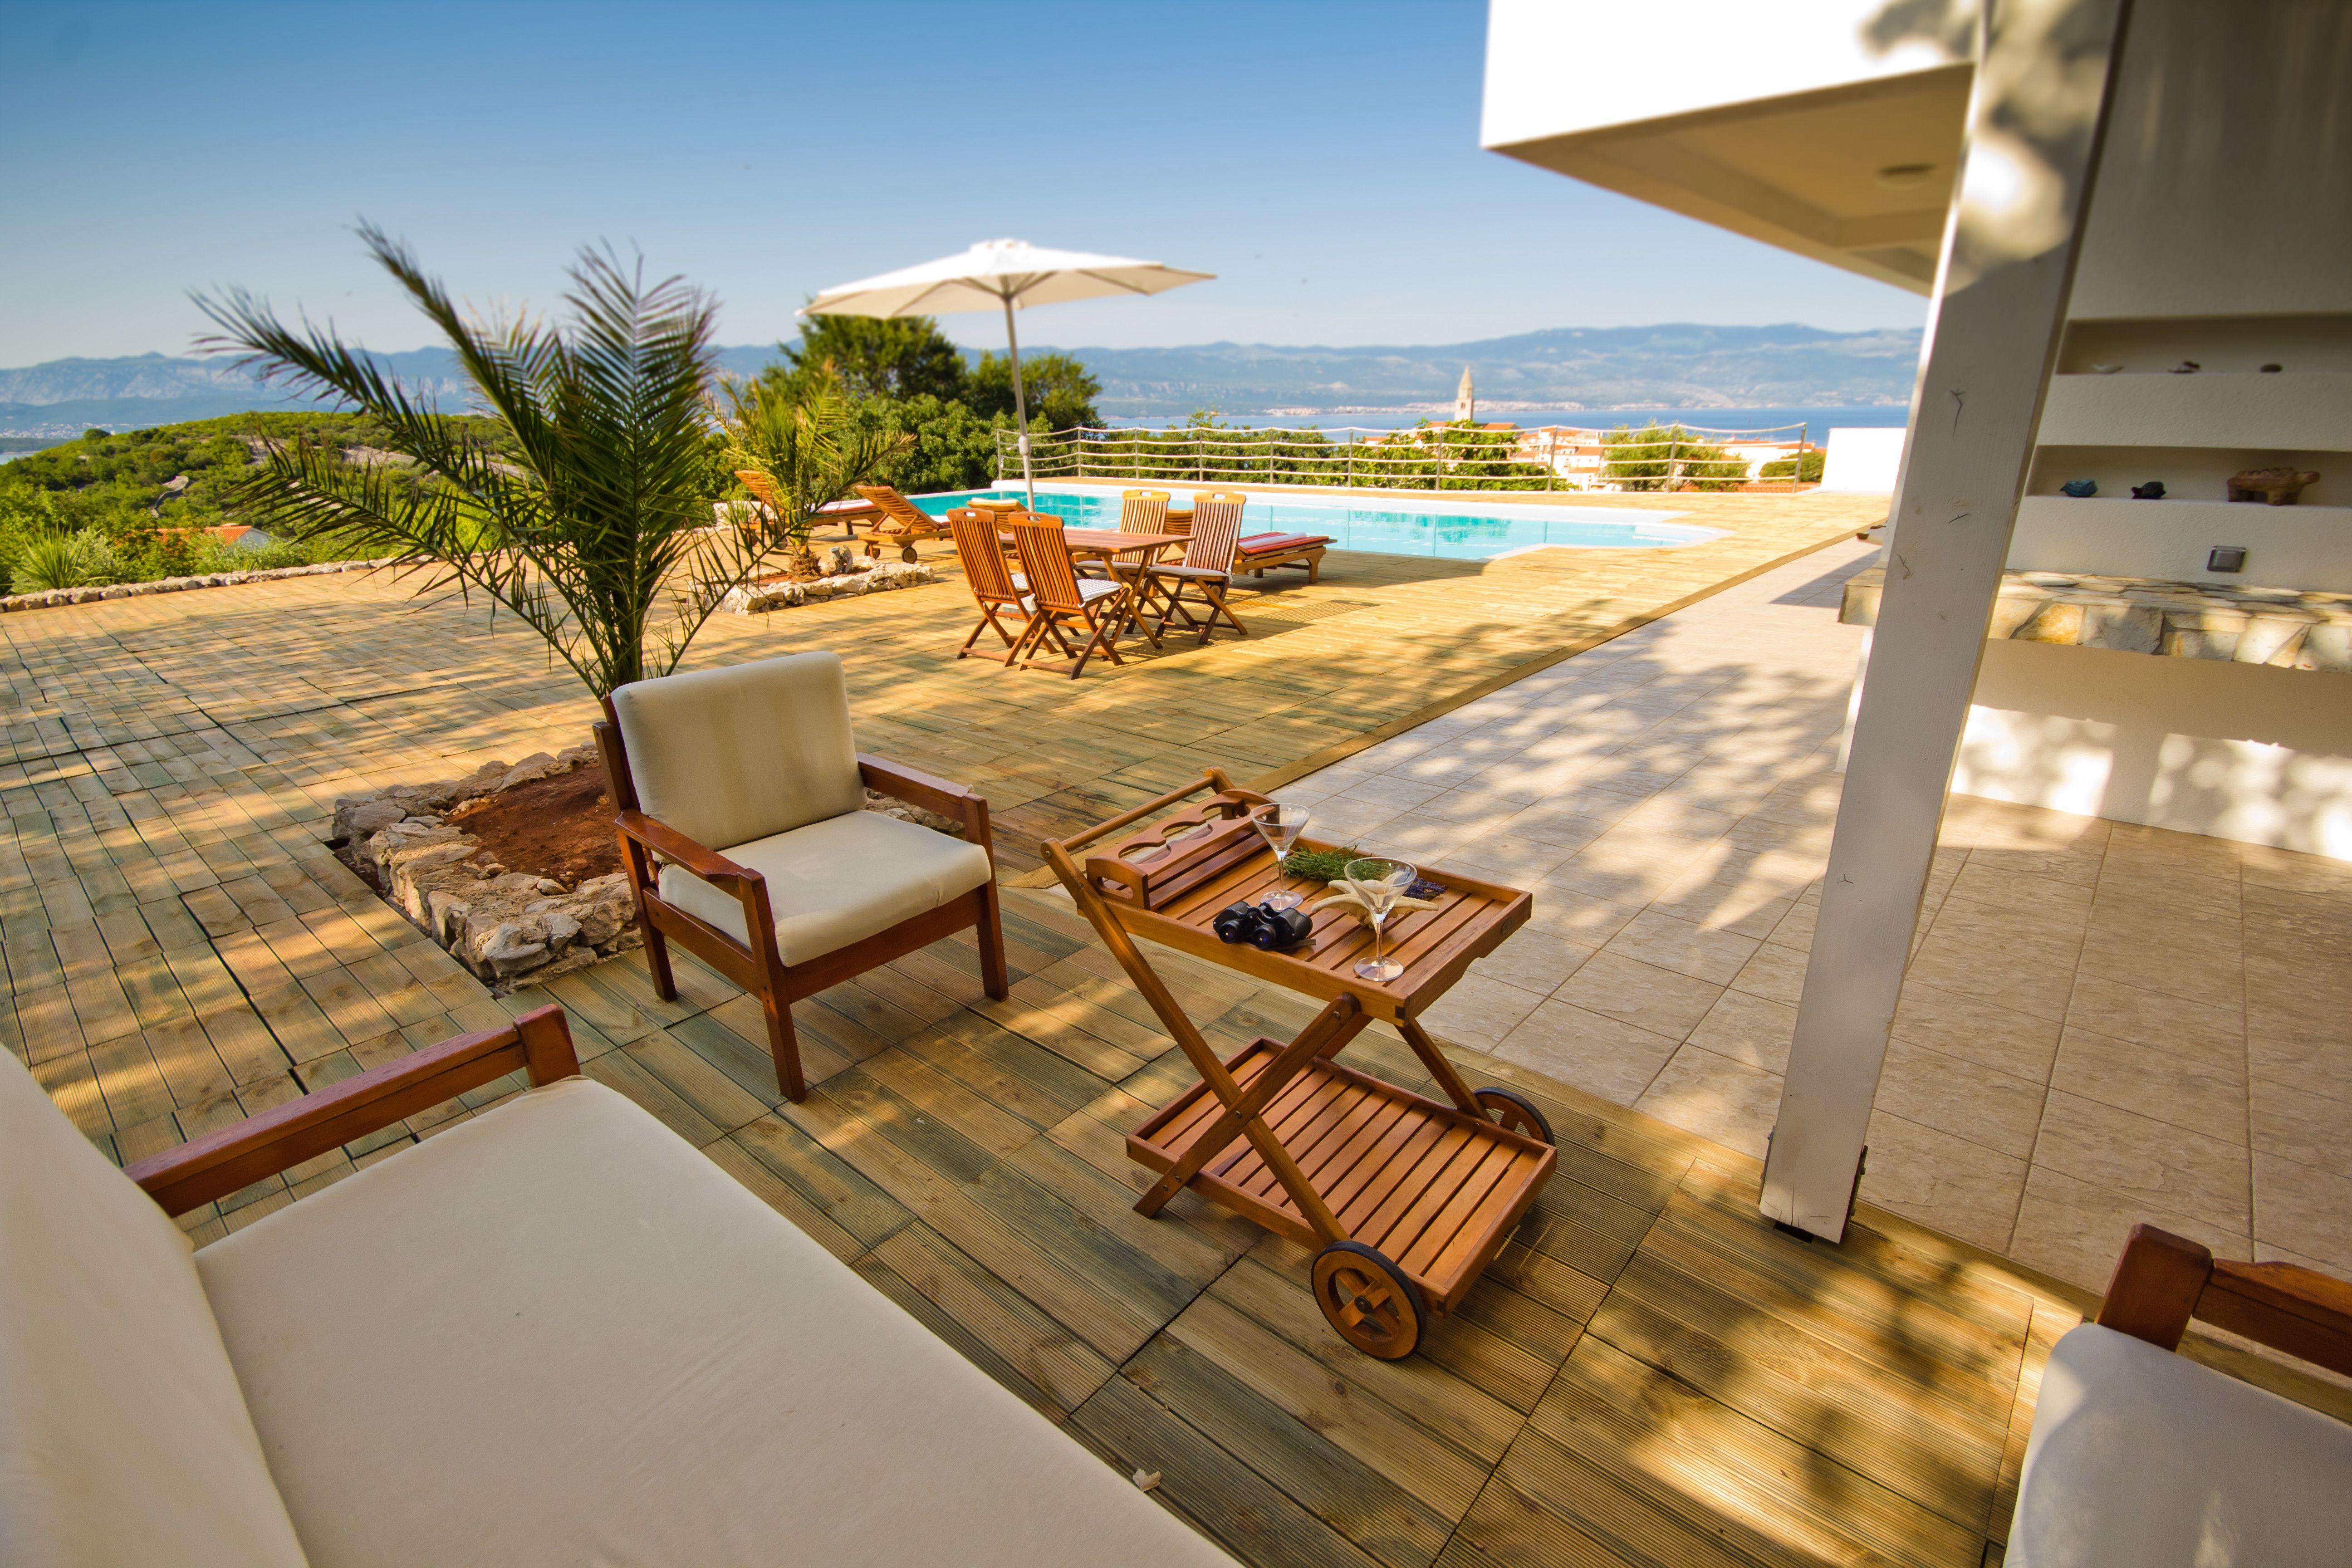 Villa Vrbnik Croatia Kvarner Krk Island 5 Bedrooms Pool Air